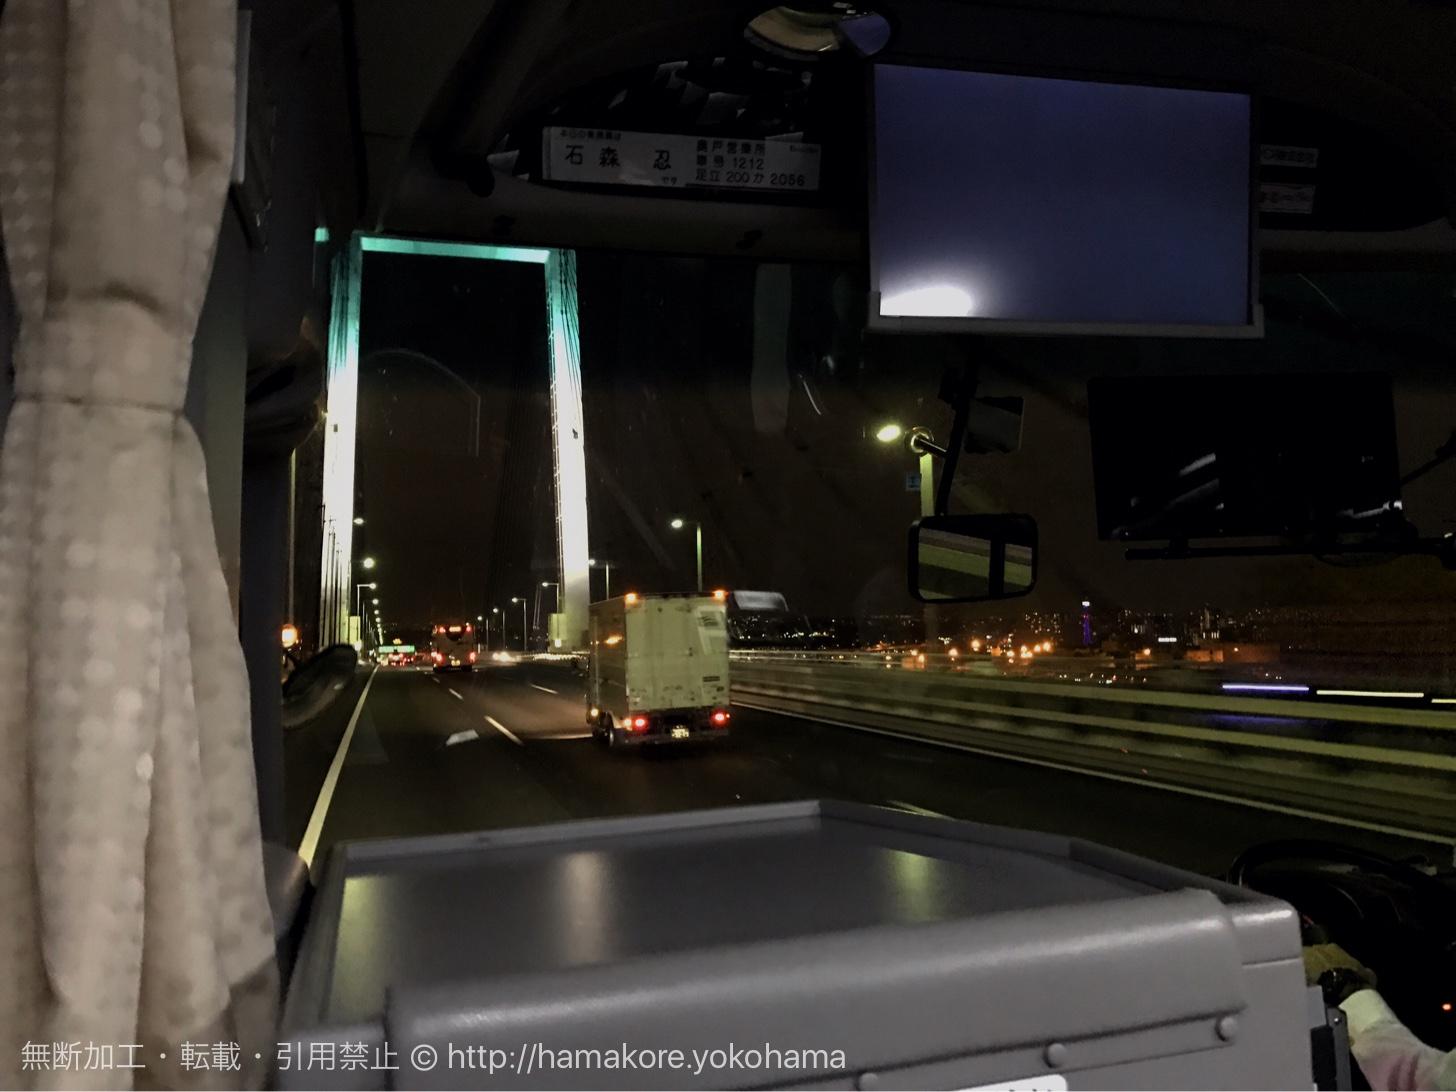 バスから見た夜の景色